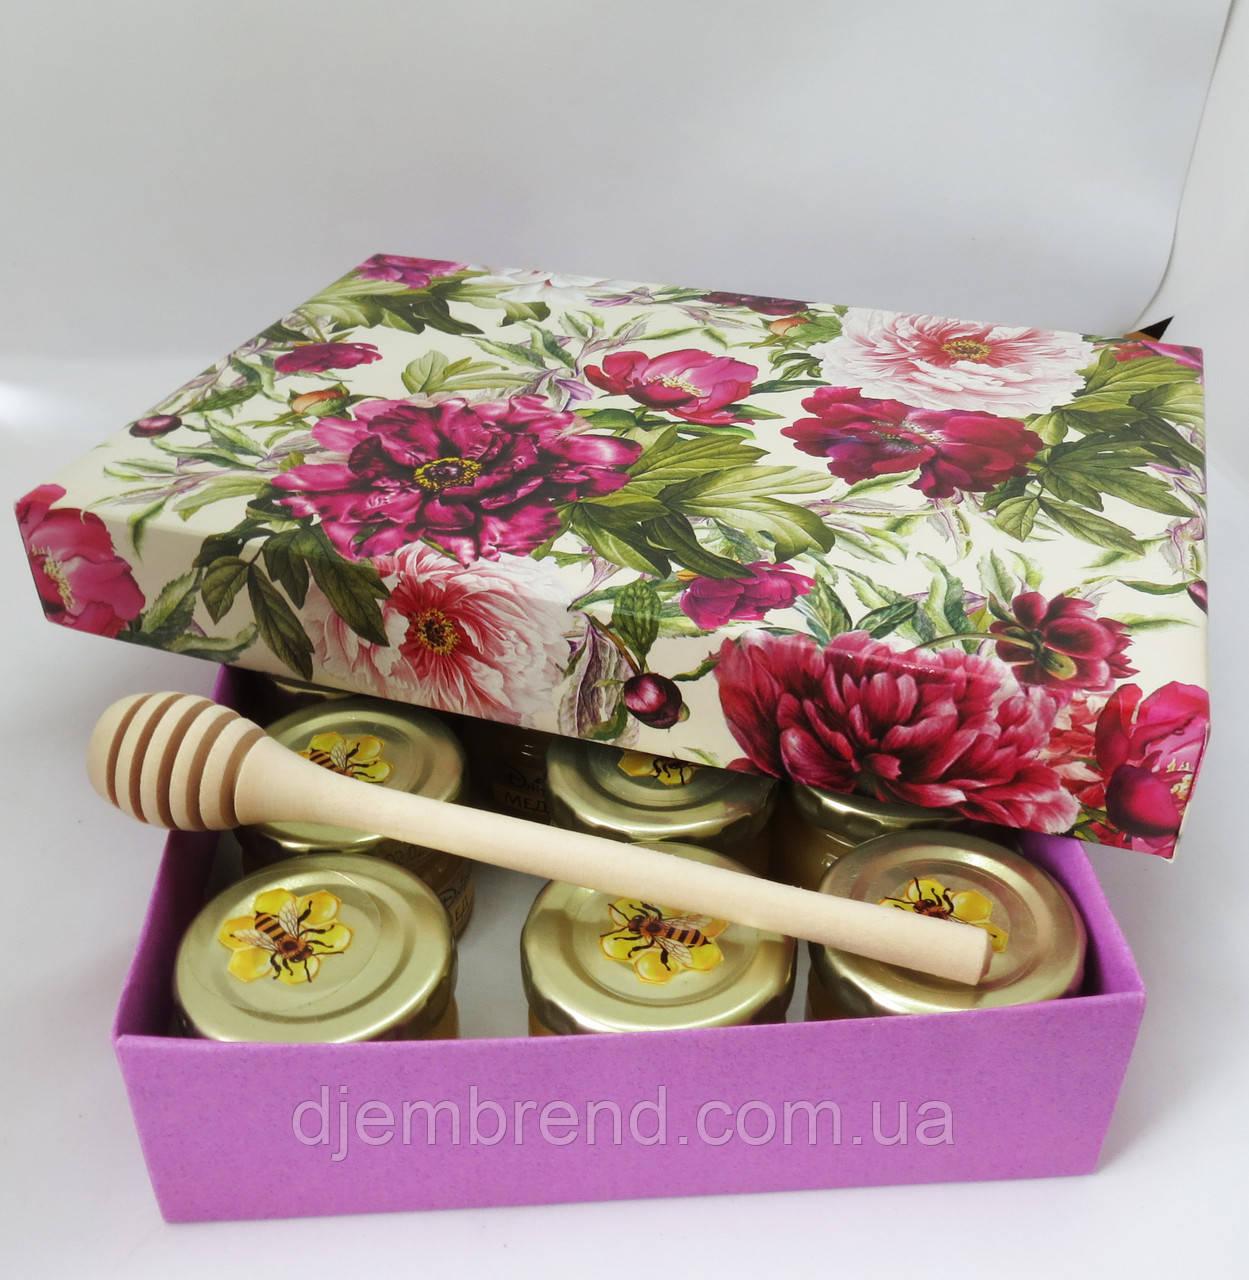 Набор мёда с орехами в подарочной коробке, 15 баночек